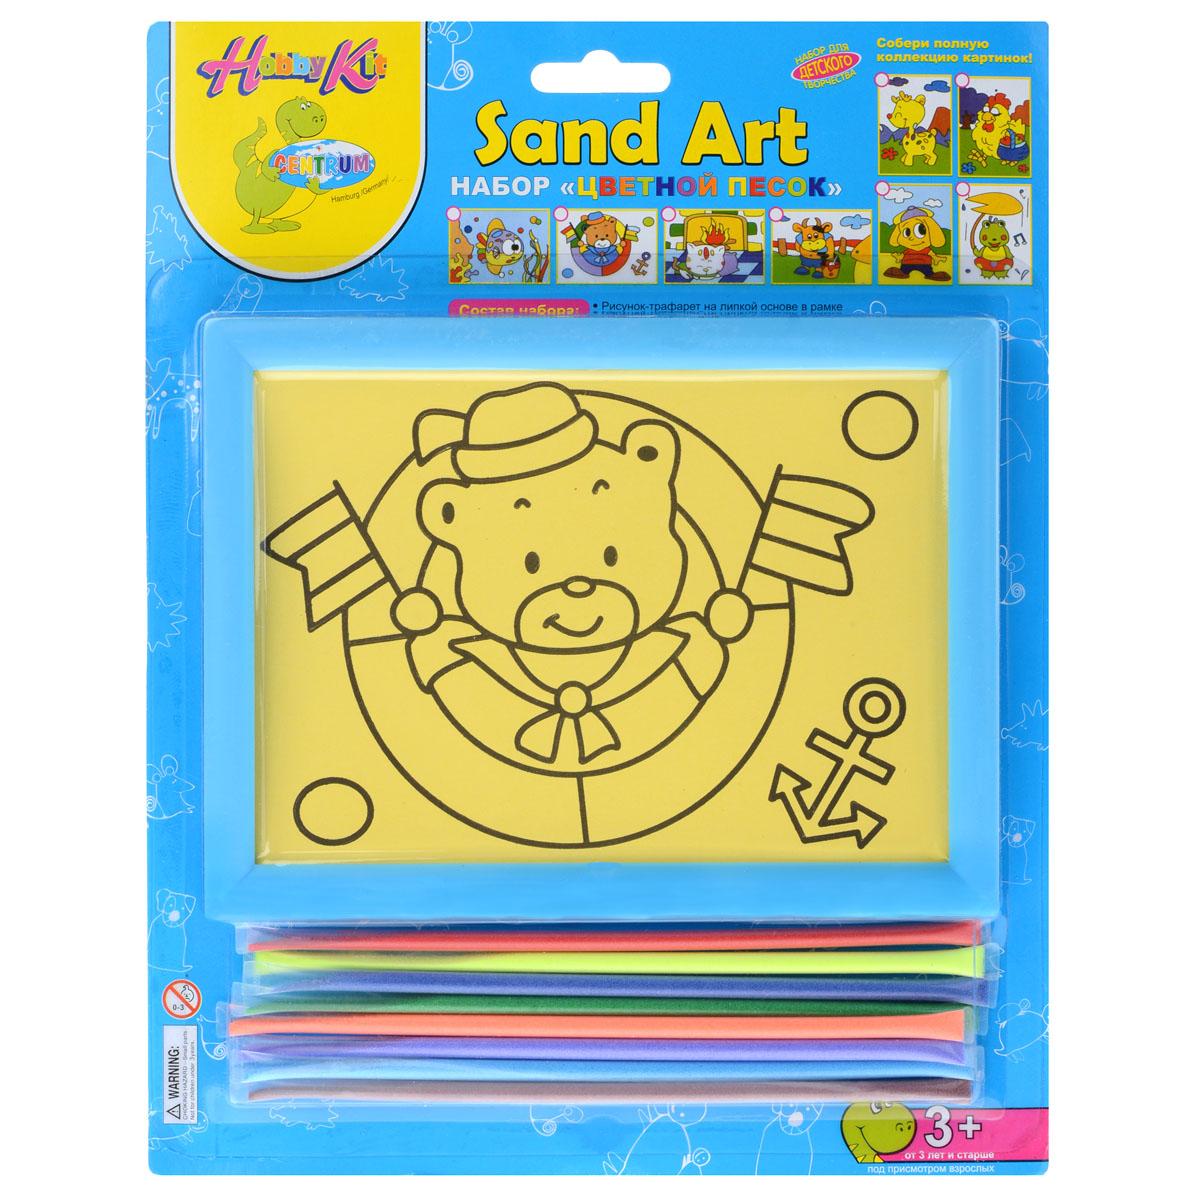 """Набор для создания картины из цветного песка Centrum """"Медведь"""" обязательно порадует вашего малыша. С его помощью ребенок сможет своими руками создать необычную картину из цветного песка с изображением веселого мишки-морячка. В набор уже входит все необходимое для творчества: картинка-трафарет в пластиковой рамке и кварцевый песок 8 цветов (красный, желтый, синий, зеленый, оранжевый, фиолетовый, голубой, коричневый). Создать картину из цветного песка совсем несложно - на основу уже нанесен контур рисунка. Постепенно снимайте защитный слой с трафареты и засыпайте цветной песок нужного цвета на клейкую поверхность. Затем подождите, пока песок высохнет - и объемная картина из цветного песка готова! Готовую картину можно оформить входящей в комплект рамкой. Простой и увлекательный процесс создания картины подарит вашему малышу массу удовольствия, и поможет развить мелкую моторику рук, аккуратность, творческое мышление и художественный вкус. Готовая картина из цветного..."""